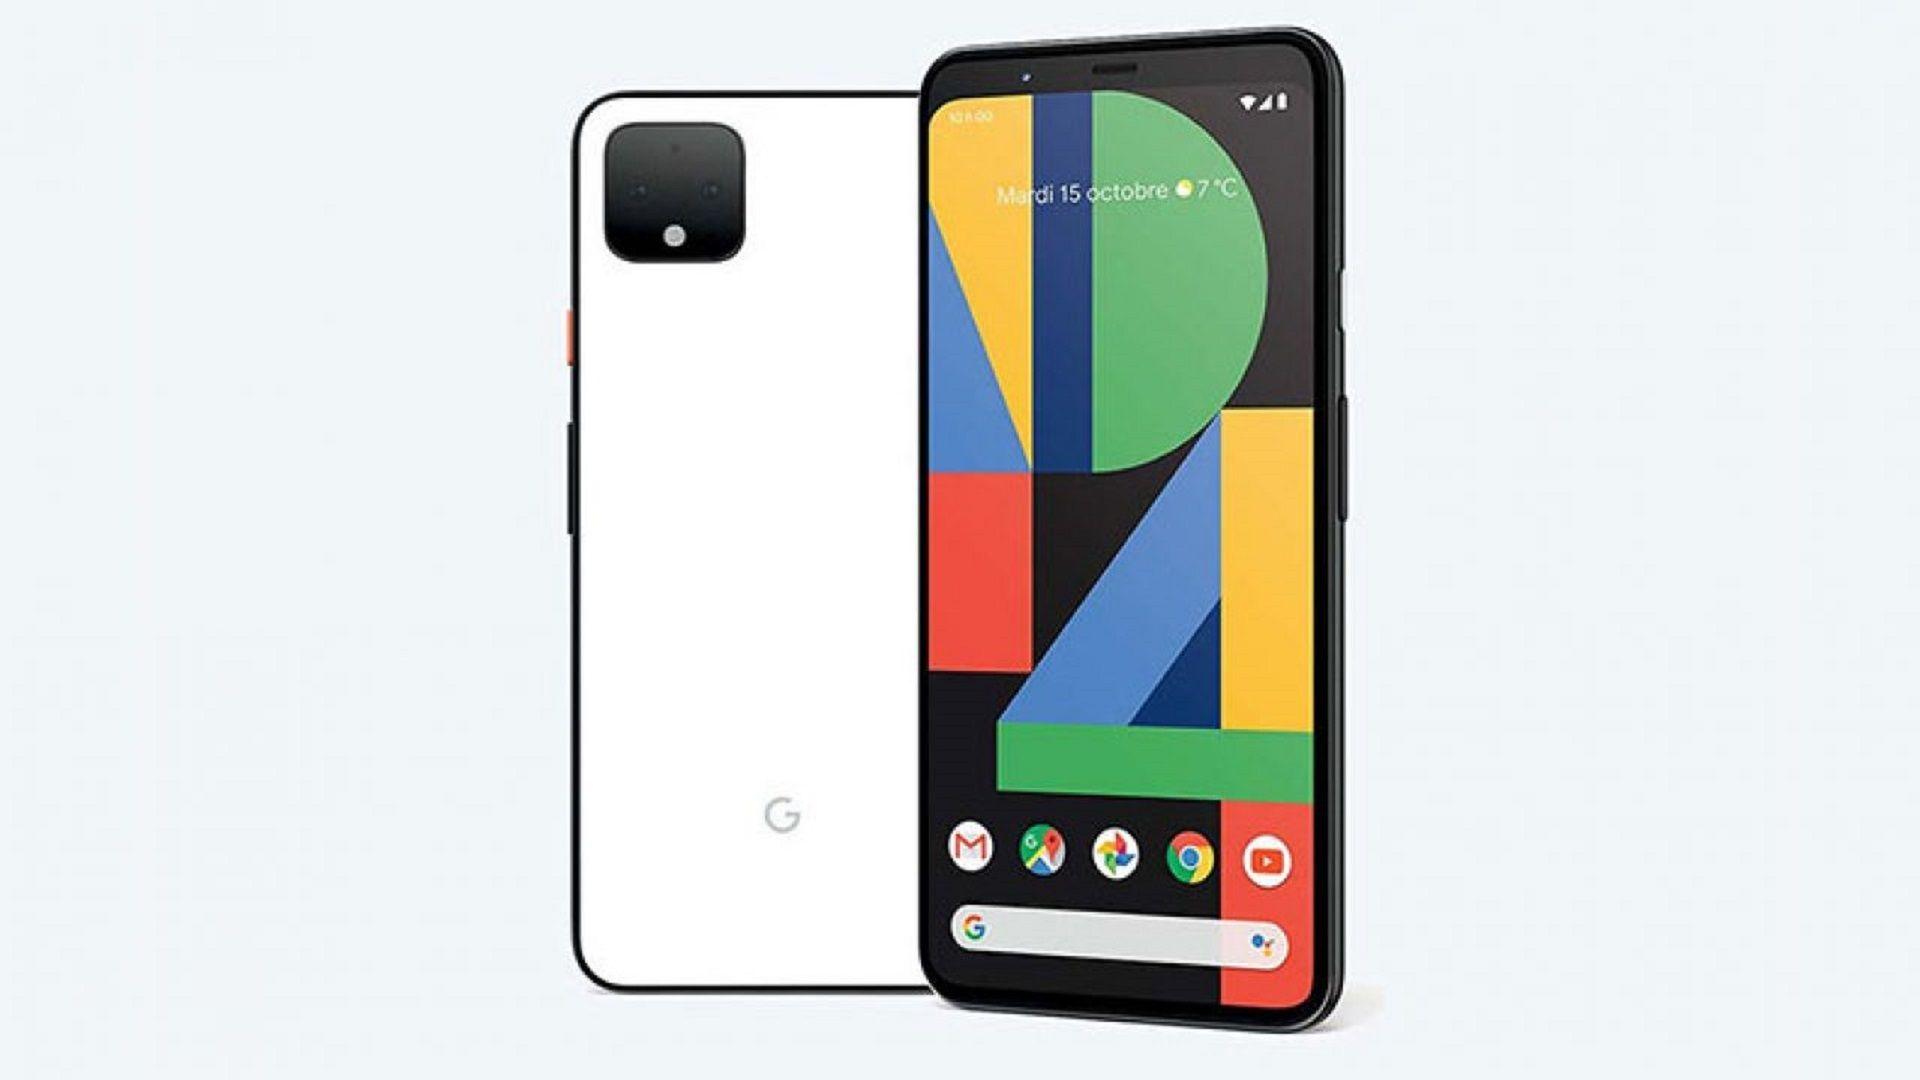 جوجل تفسر لماذا لا تدعم هواتفها تصوير الفيديو بدقة 4k 60fps Phone Tech Electronics